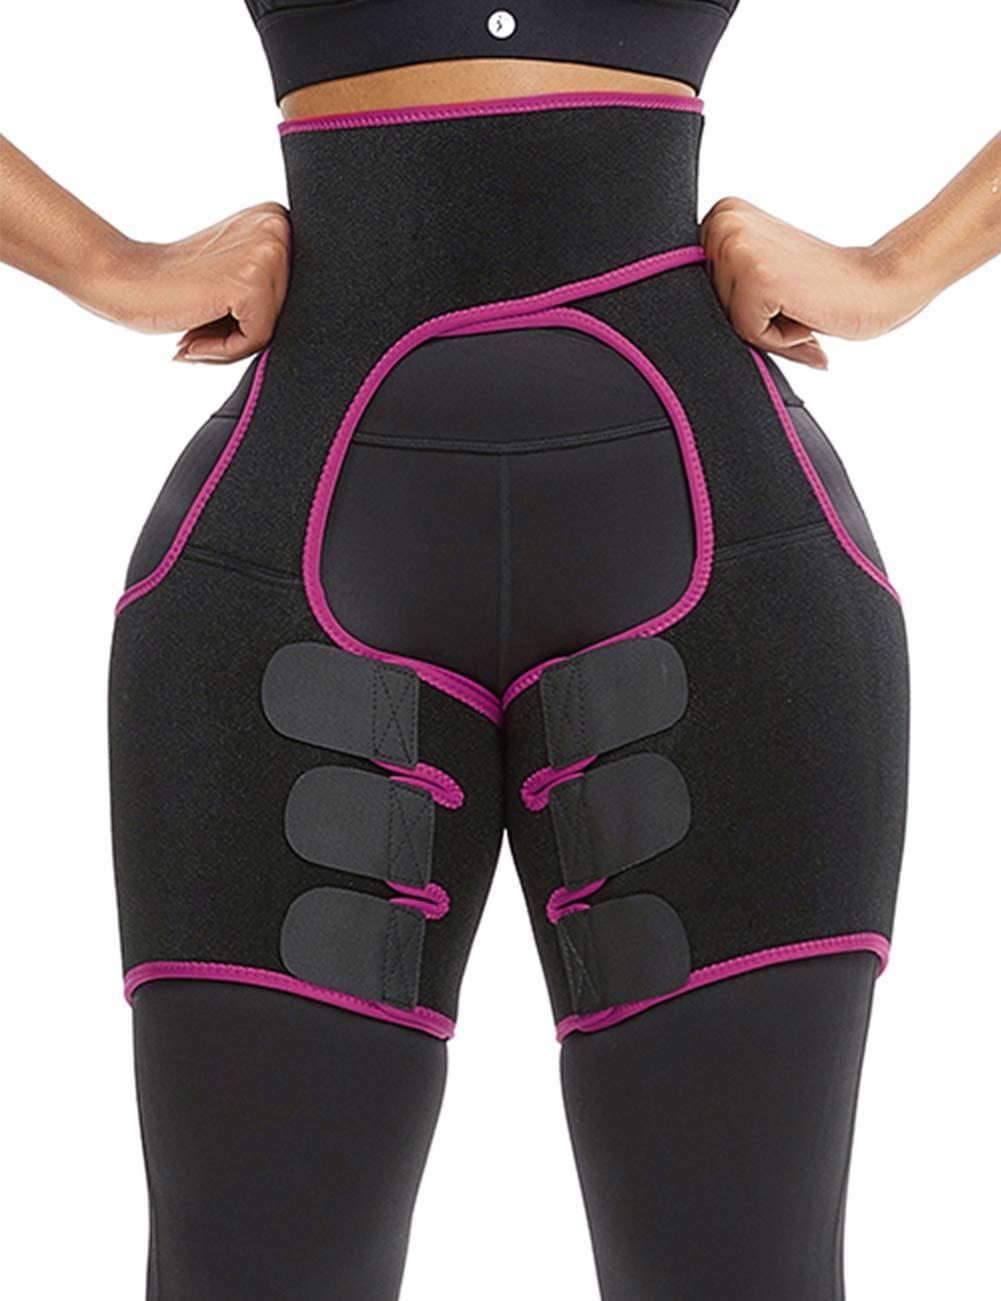 Lover-Beauty High Waist Thigh Waist Shaper Spontaneous Heating Sticker Neoprene Thigh Shapewear Rose Red M